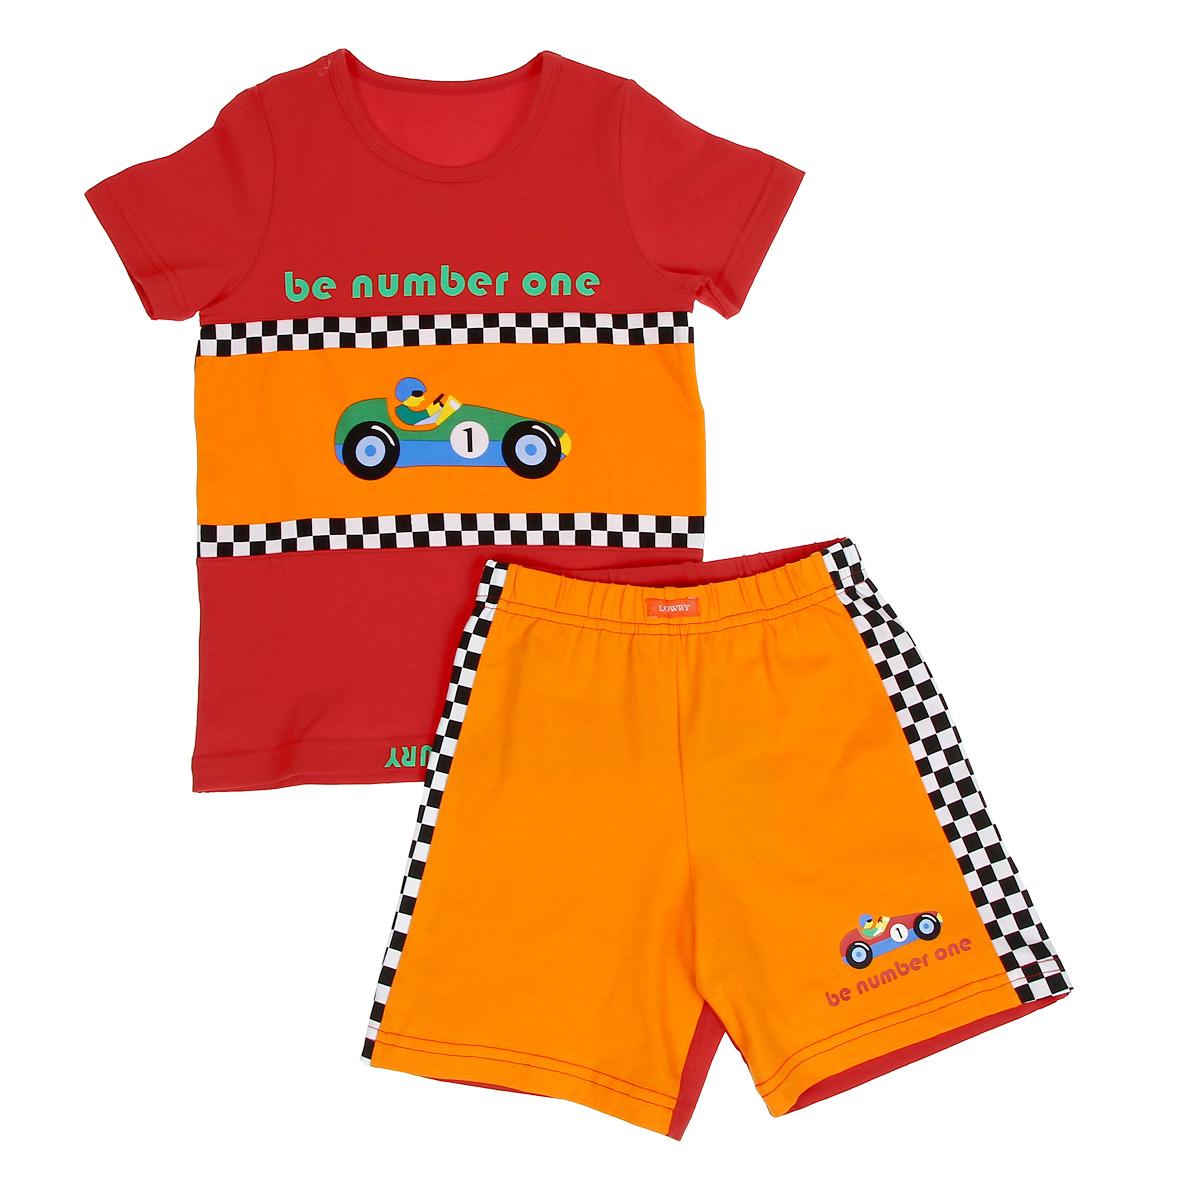 Комплект для мальчика Lowry: футболка, шорты, цвет: красный, оранжевый. BF/BSHL-272. Размер 34 (L)BF/BSHL-272Комплект для мальчика Lowry, состоящий из футболки и шорт, идеально подойдет вашему малышу. Изготовленный из хлопка с добавлением лайкры, он необычайно мягкий и приятный на ощупь, не сковывает движения малыша и позволяет коже дышать, не раздражает даже самую нежную и чувствительную кожу ребенка, обеспечивая ему наибольший комфорт. Футболка с короткими рукавами и круглым вырезом горловины на груди оформлена ярким оригинальным принтом с изображением гоночной трассы, гоночного болида, а также надписью Be Number One.Шортики на талии имеют широкую эластичную резинку, благодаря чему они не сдавливают животик ребенка и не сползают. Оформлены шортики термоаппликацией с изображением гоночного болида и надписью Be Number One, а по бокам - принтом в клетку. Оригинальный дизайн и модная расцветка делают этот комплект незаменимым предметом детского гардероба. В нем вашему маленькому мужчине будет комфортно и уютно, и он всегда будет в центре внимания!